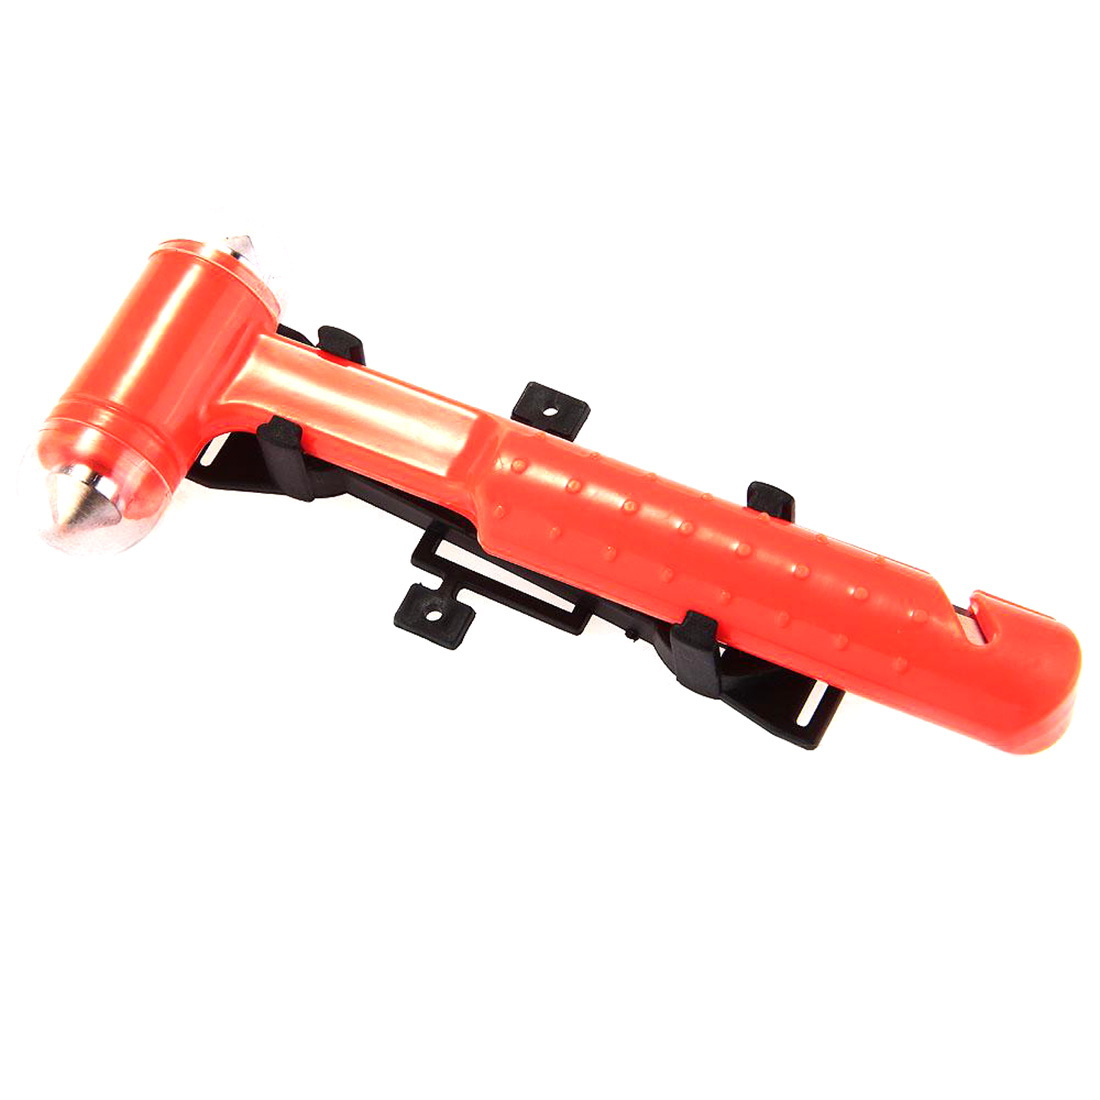 Высокое качество автомобилей аварийного молотка ремней безопасности резака стеклобой спасательные средства безопасности